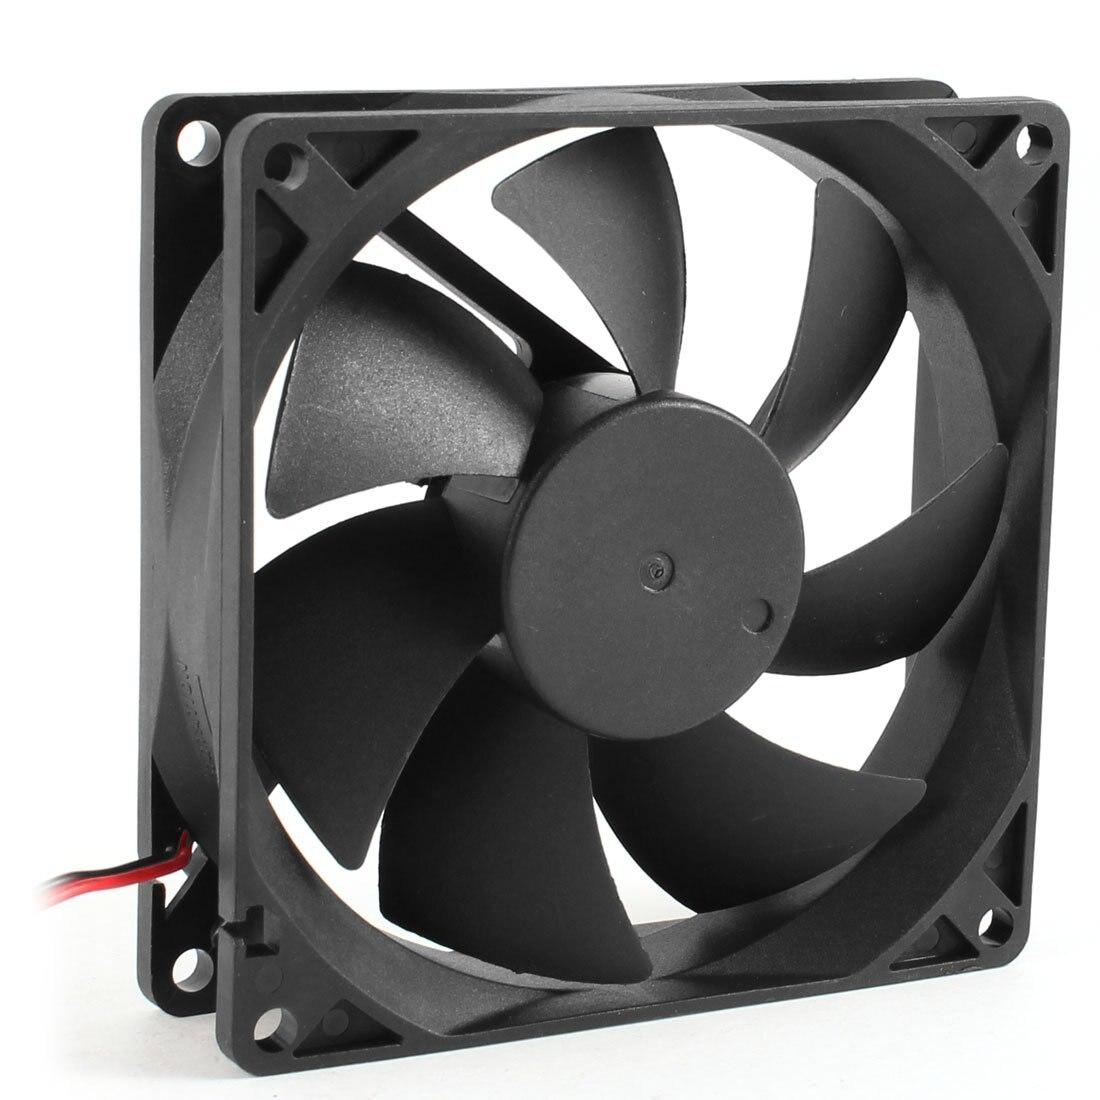 92mm x 25mm DC 12V 2Pin 65.01CFM Computer Case CPU Cooler Cooling Fan